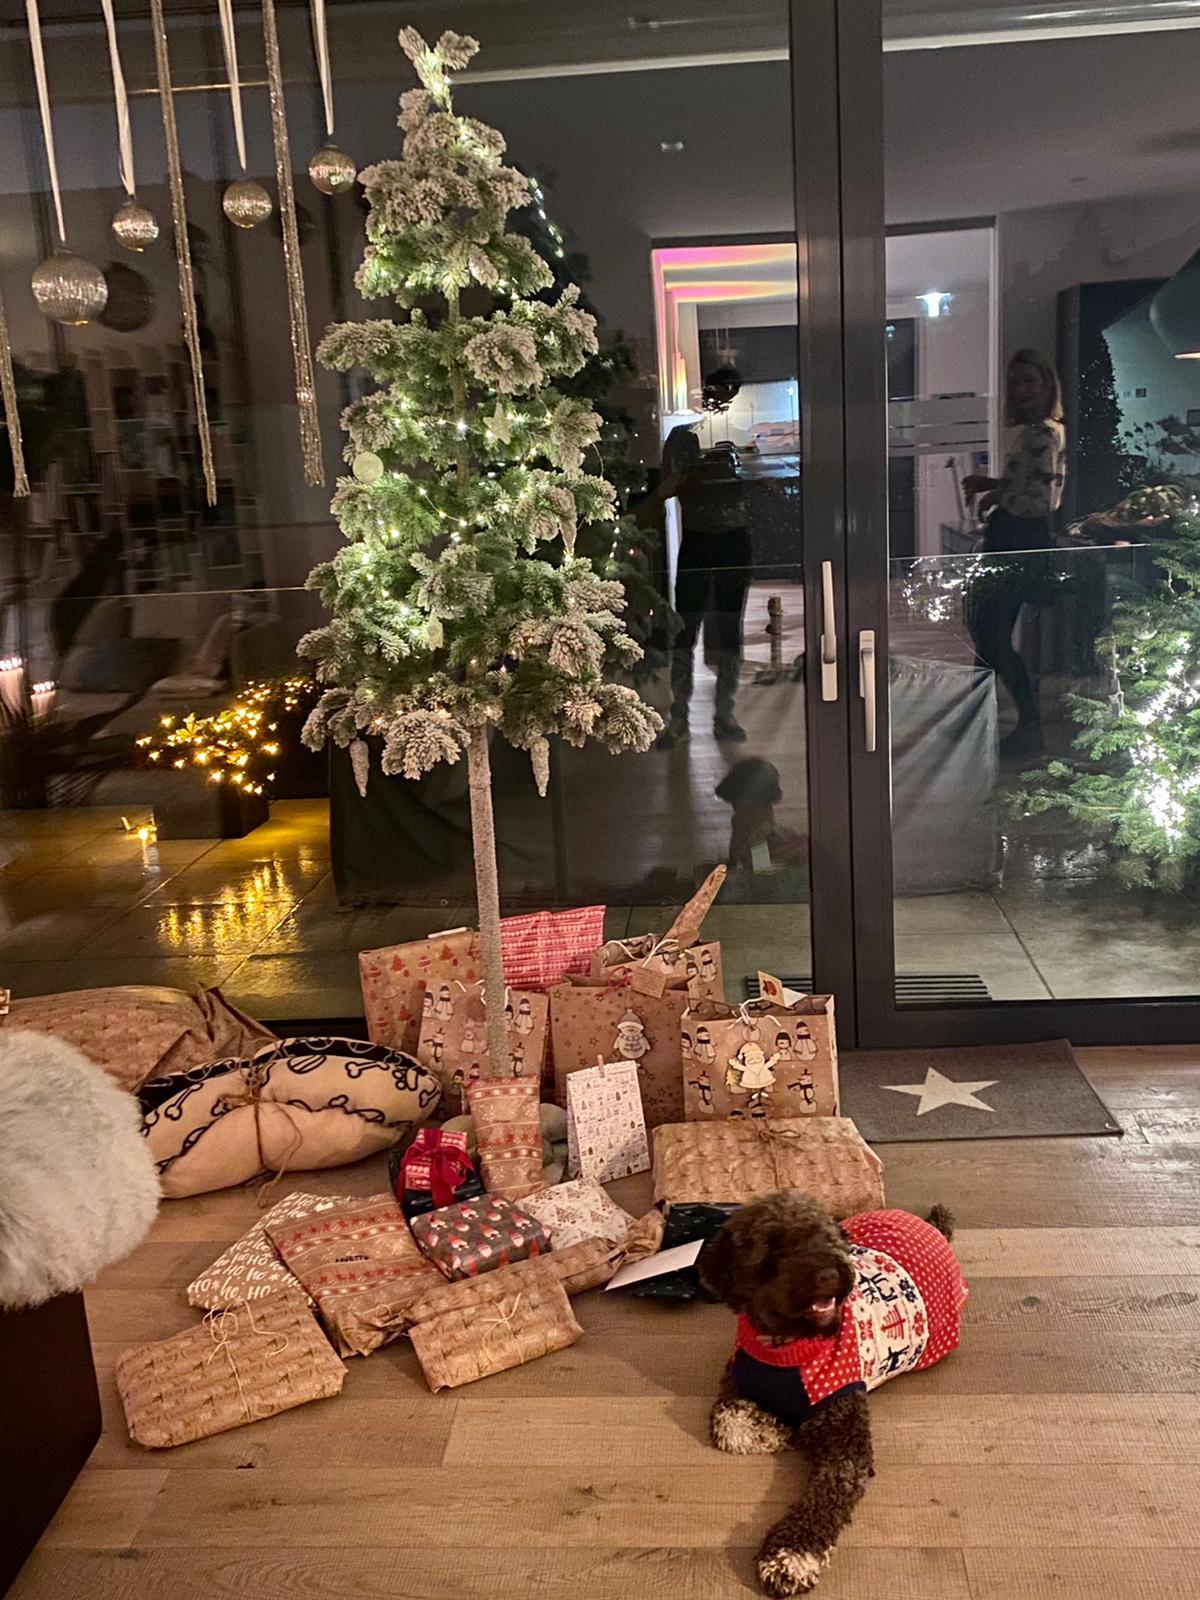 auch Charlie schickt Weihnachtsgrüsse